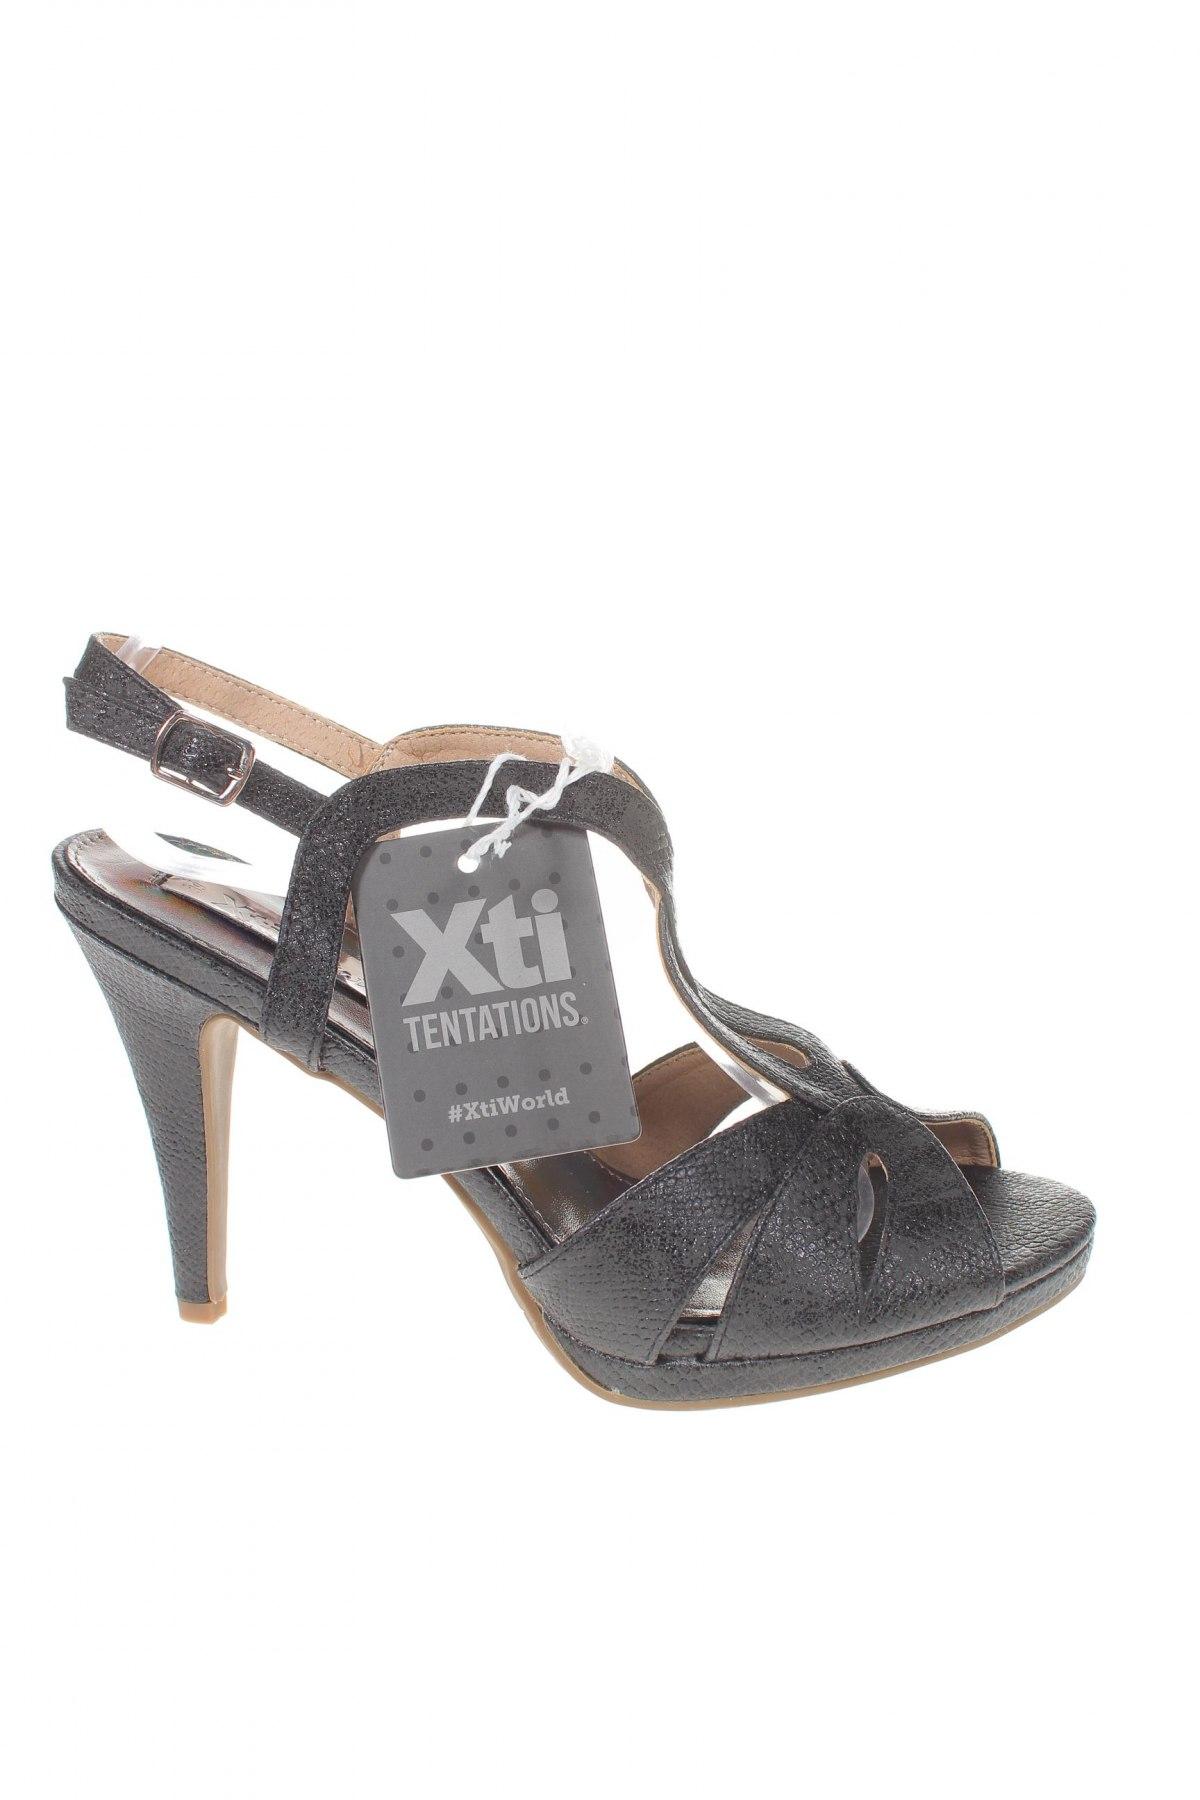 Σανδάλια Xti, Μέγεθος 39, Χρώμα Μαύρο, Δερματίνη, Τιμή 17,64€